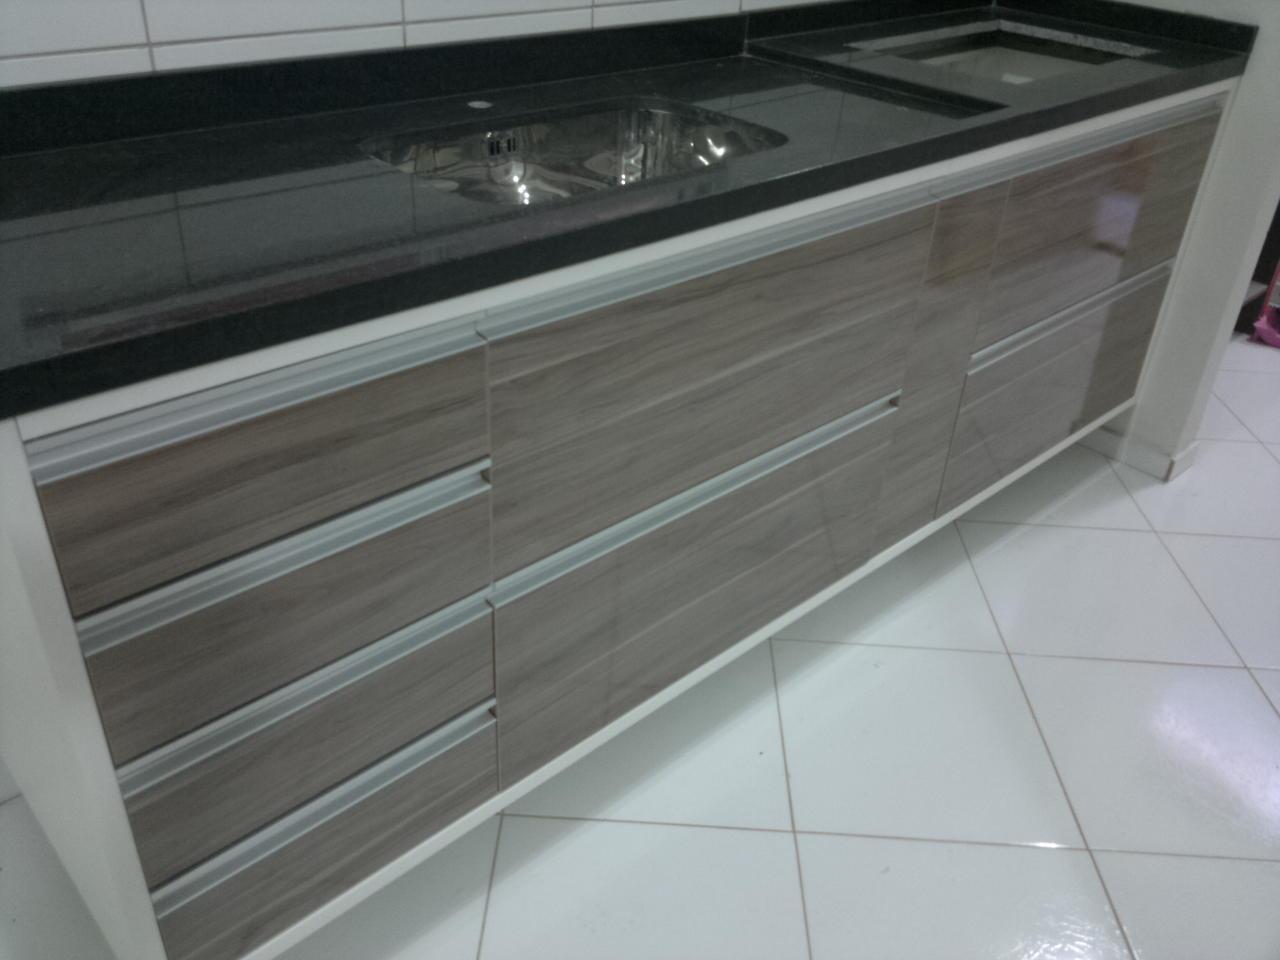 aqui para sinalizar uma imagem inadequada gabinete de pia cozinha #5D686E 1280 960